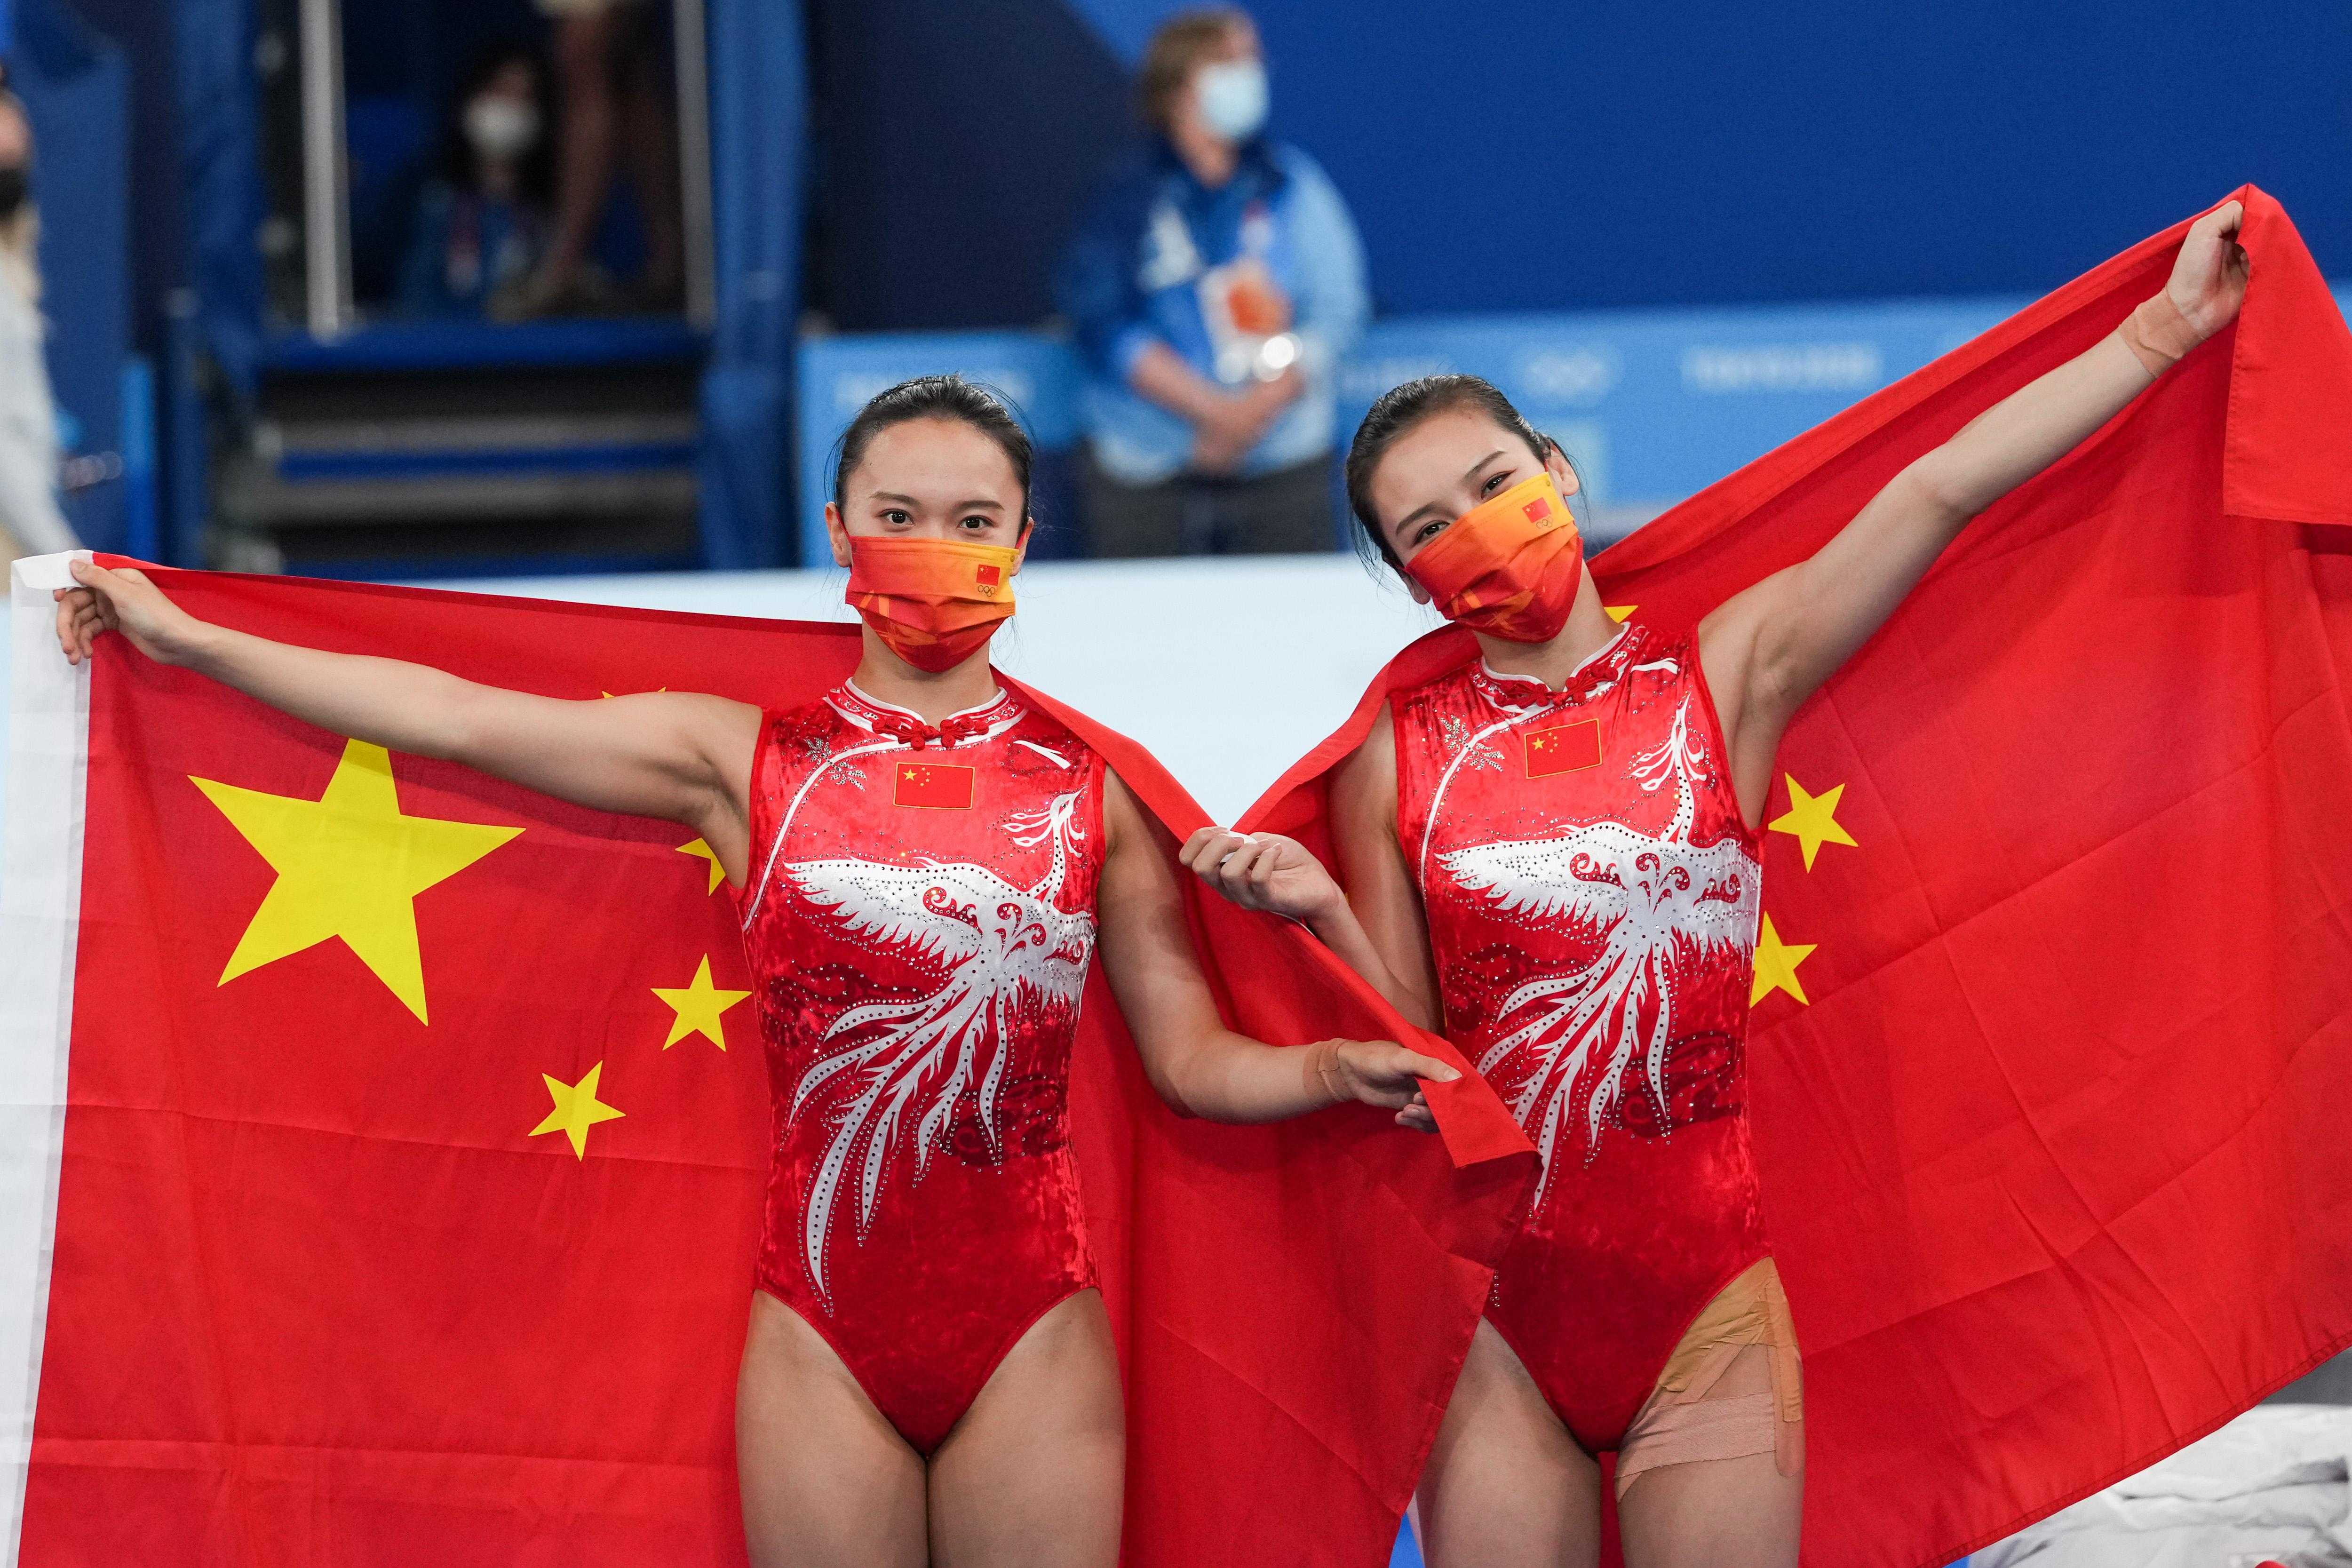 刘灵玲(右)和朱雪莹。